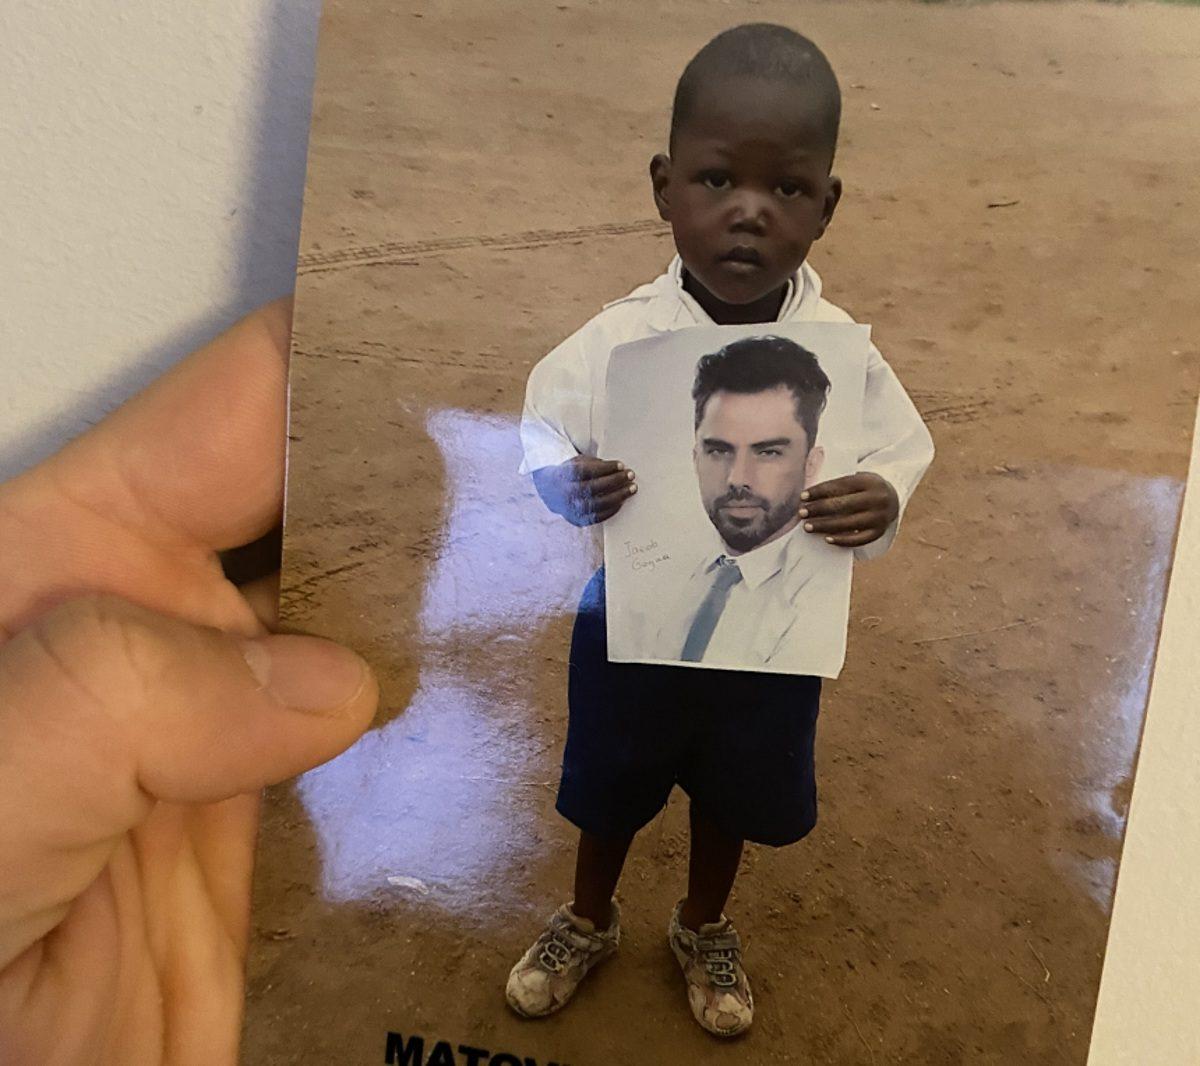 Ιάκωβος Γκόγκουα: H φωτογραφία με τον μικρό Τζόβερο απο την Ουγκάντα που μας συγκίνησε! | tlife.gr